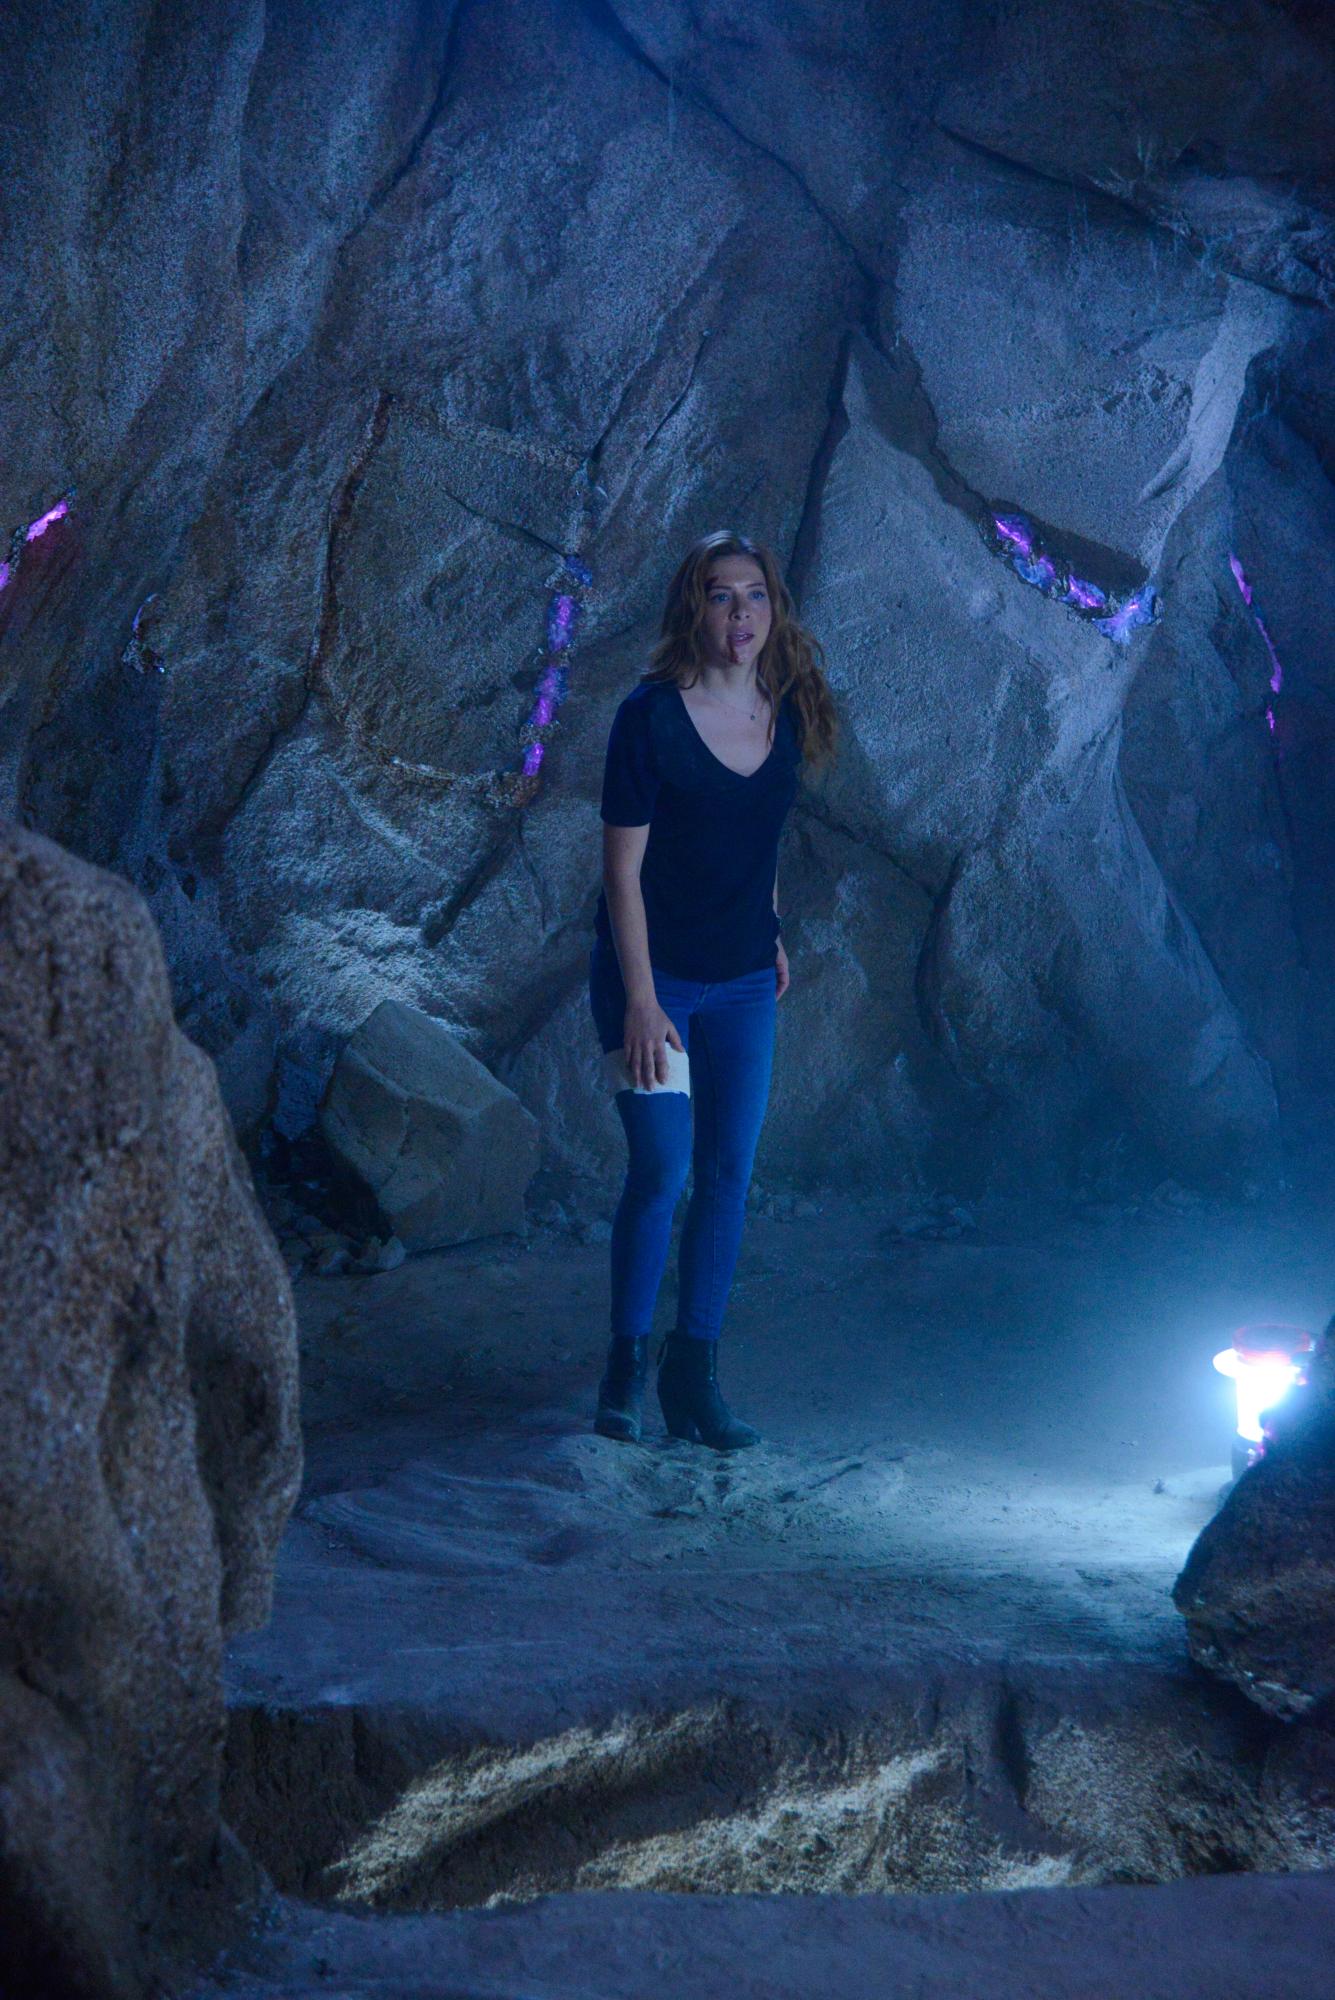 Julia - Under The Dome Season 2 Finale